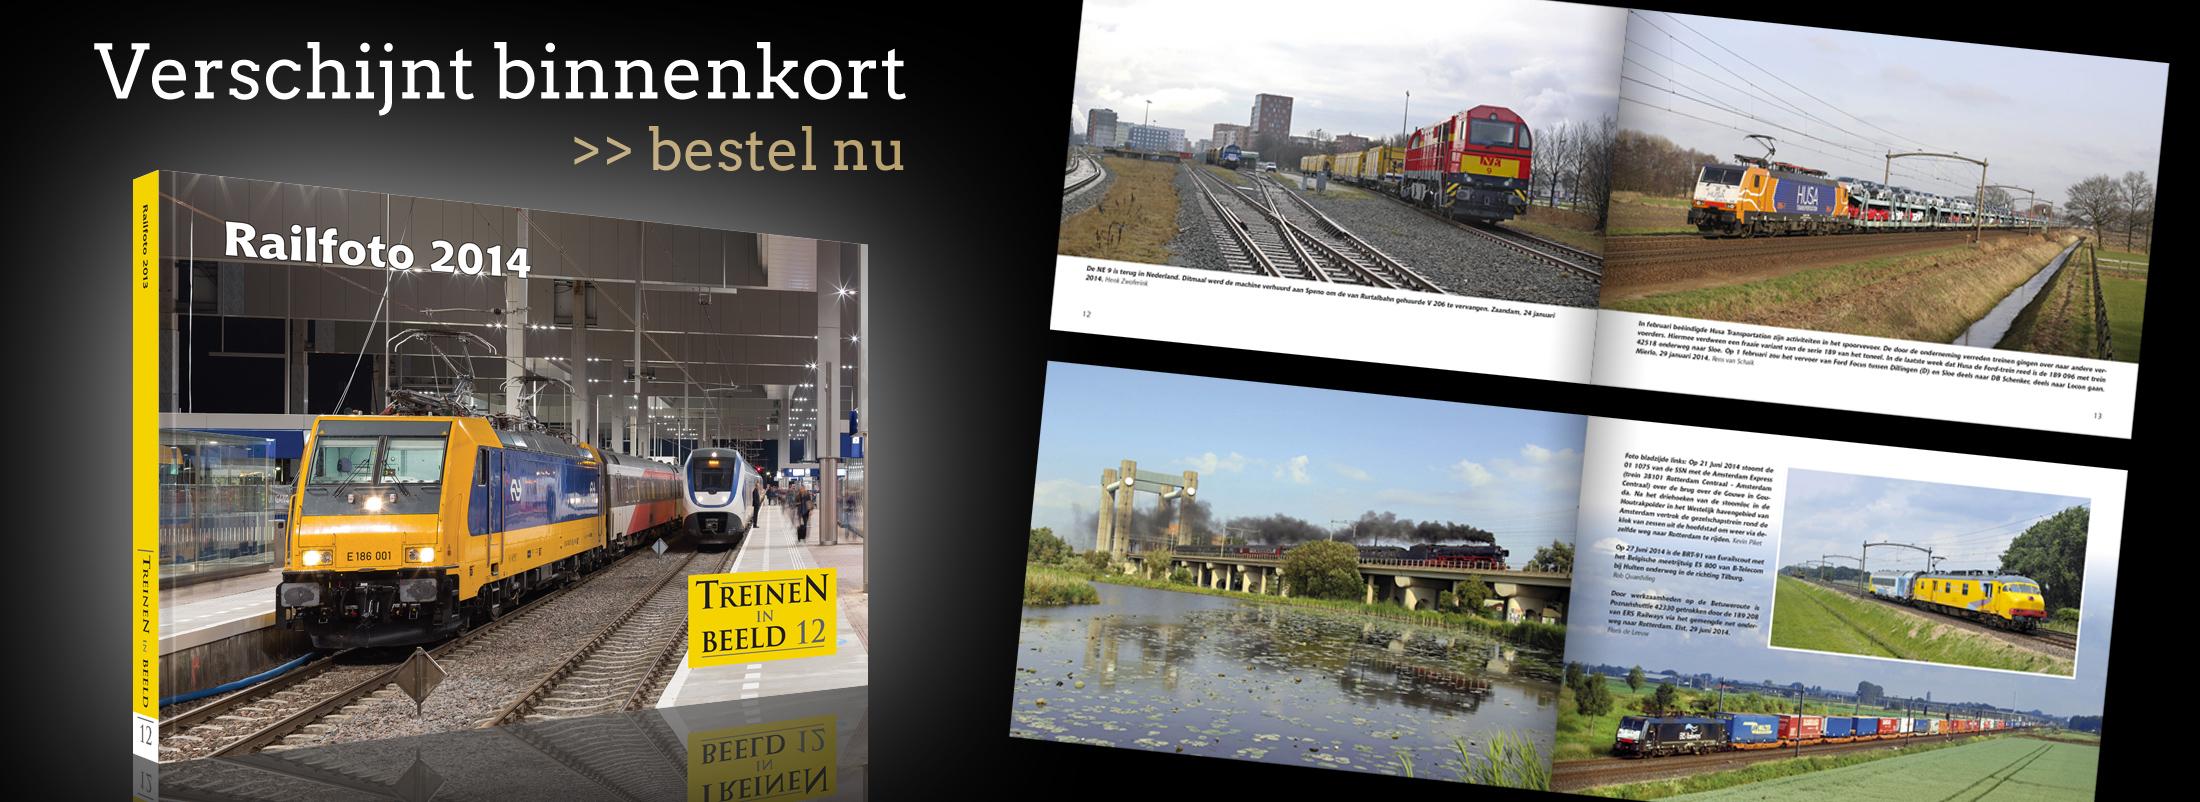 Railfoto-2014